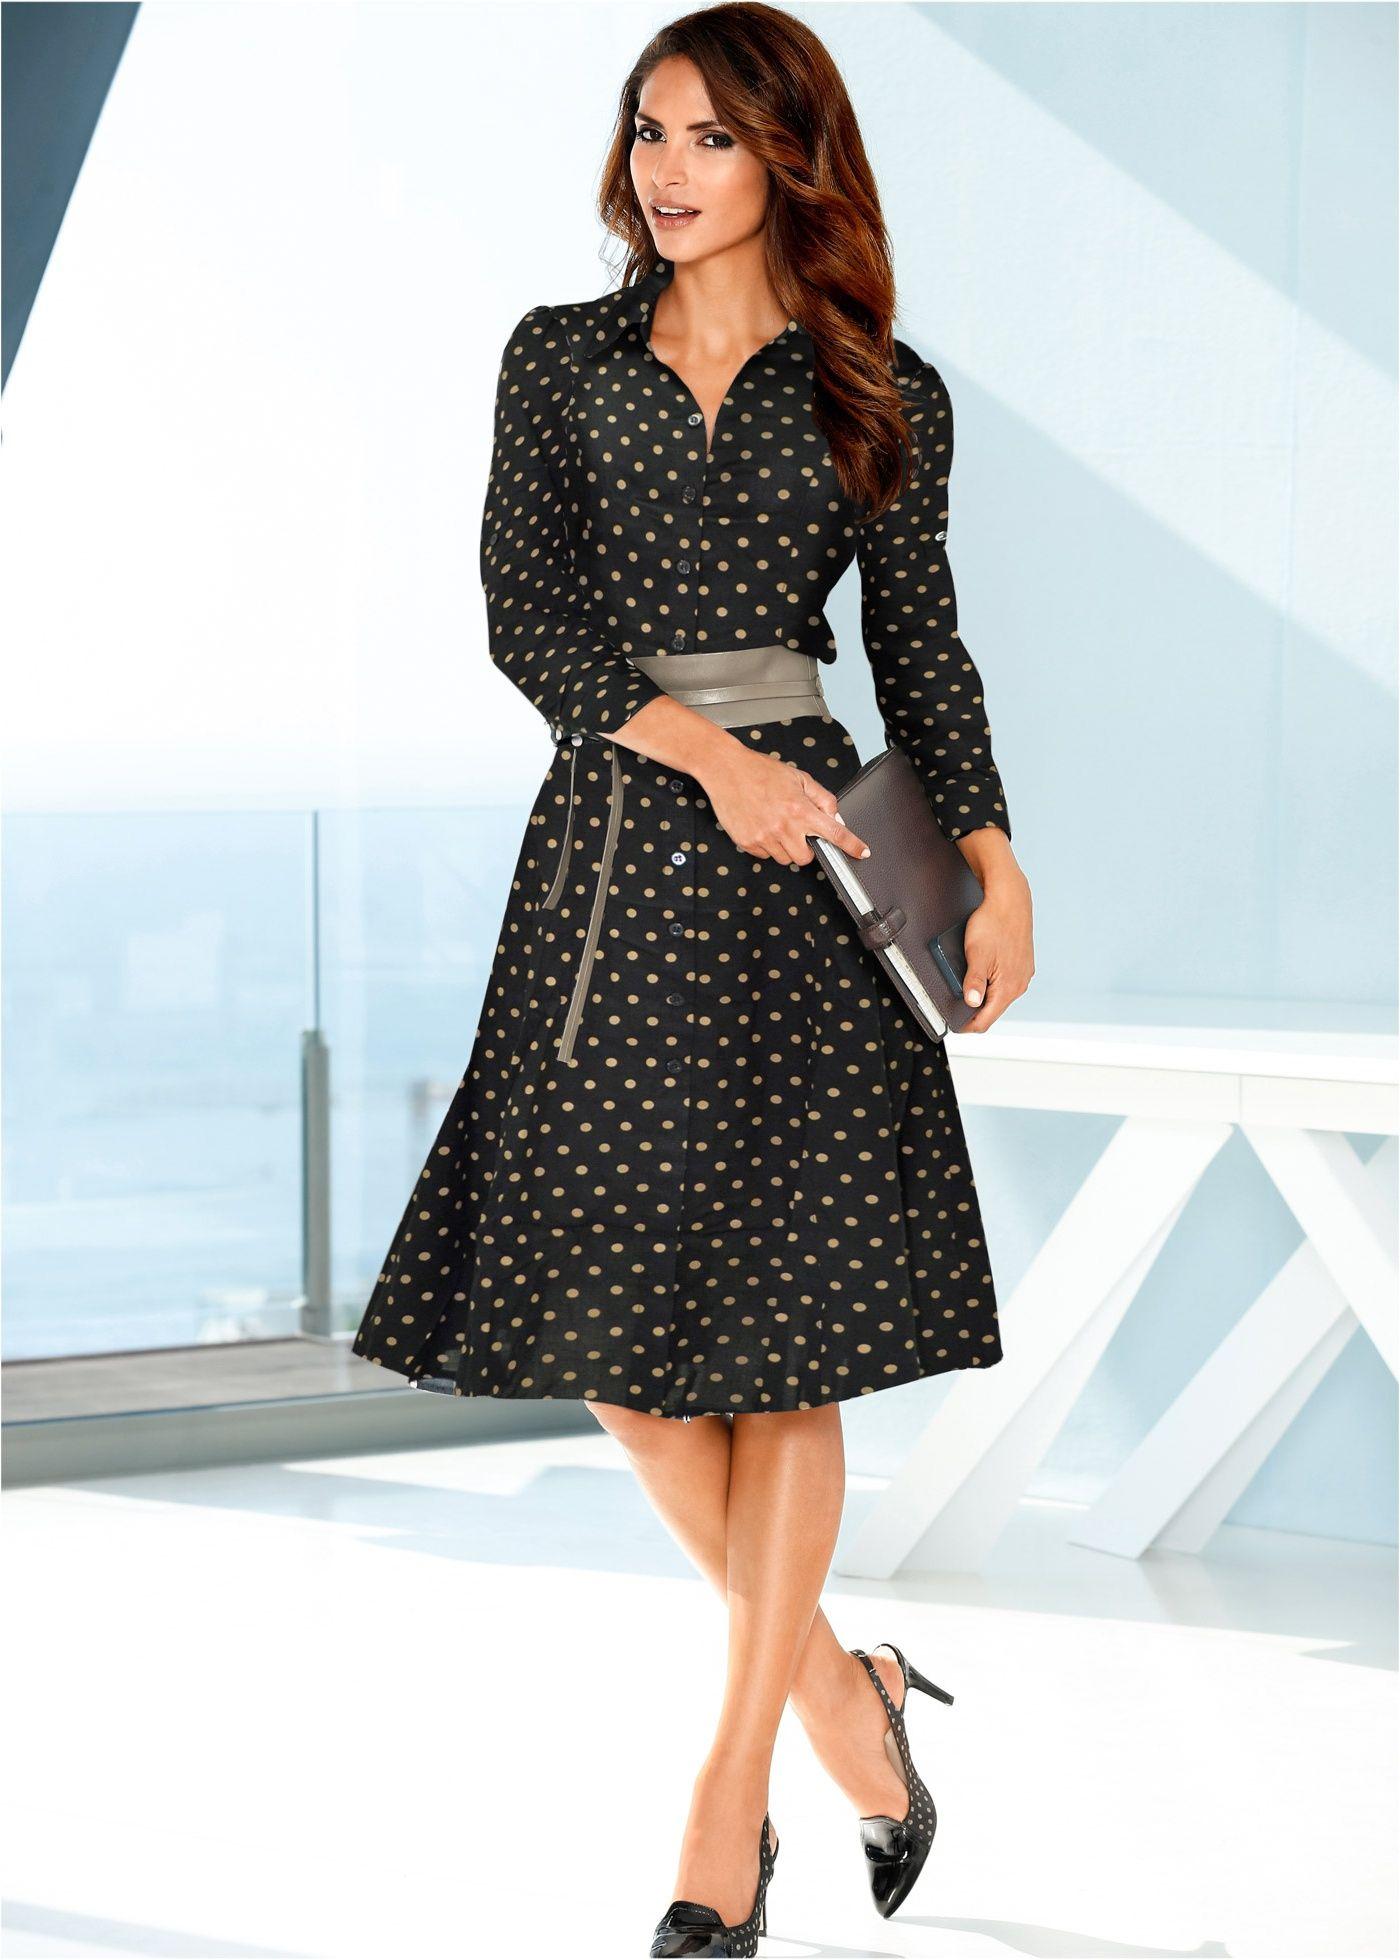 e623c6f27 Vestido chemise estampado preto bege bolinhas encomendar agora na loja  on-line bonprix.com.br R  169